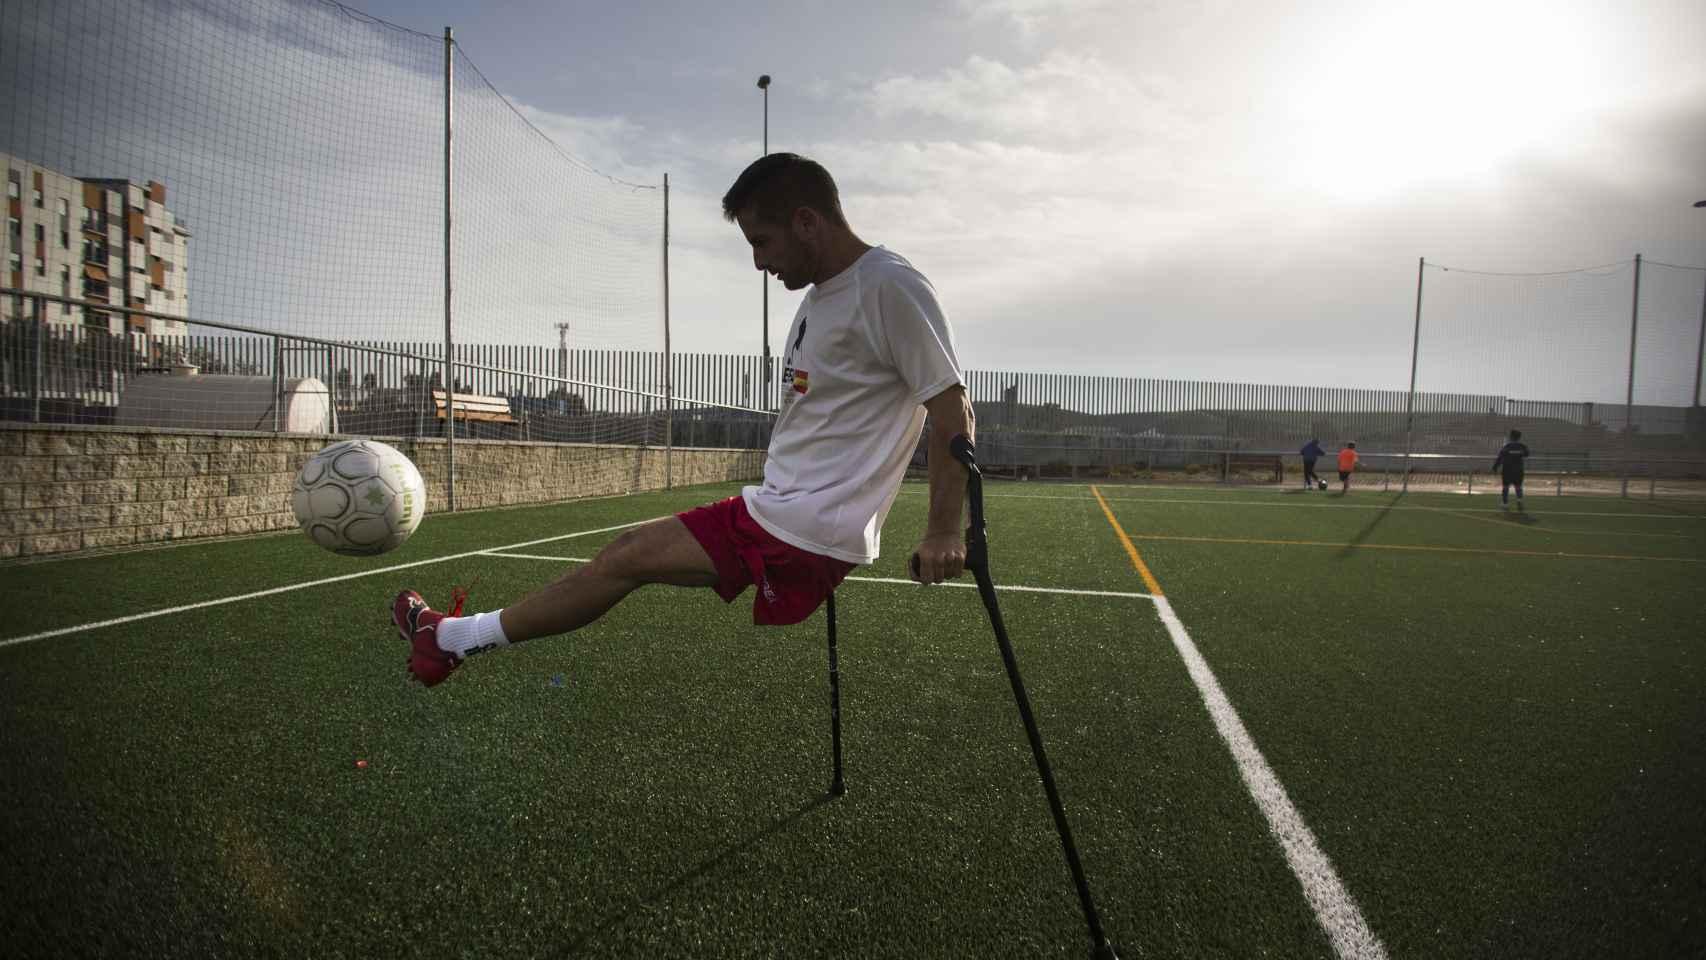 El jugador sevillano Francisco Vaquero, que perdió su pierna por un accidente laboral en el Puerto de Algeciras. Foto Fernando Ruso.